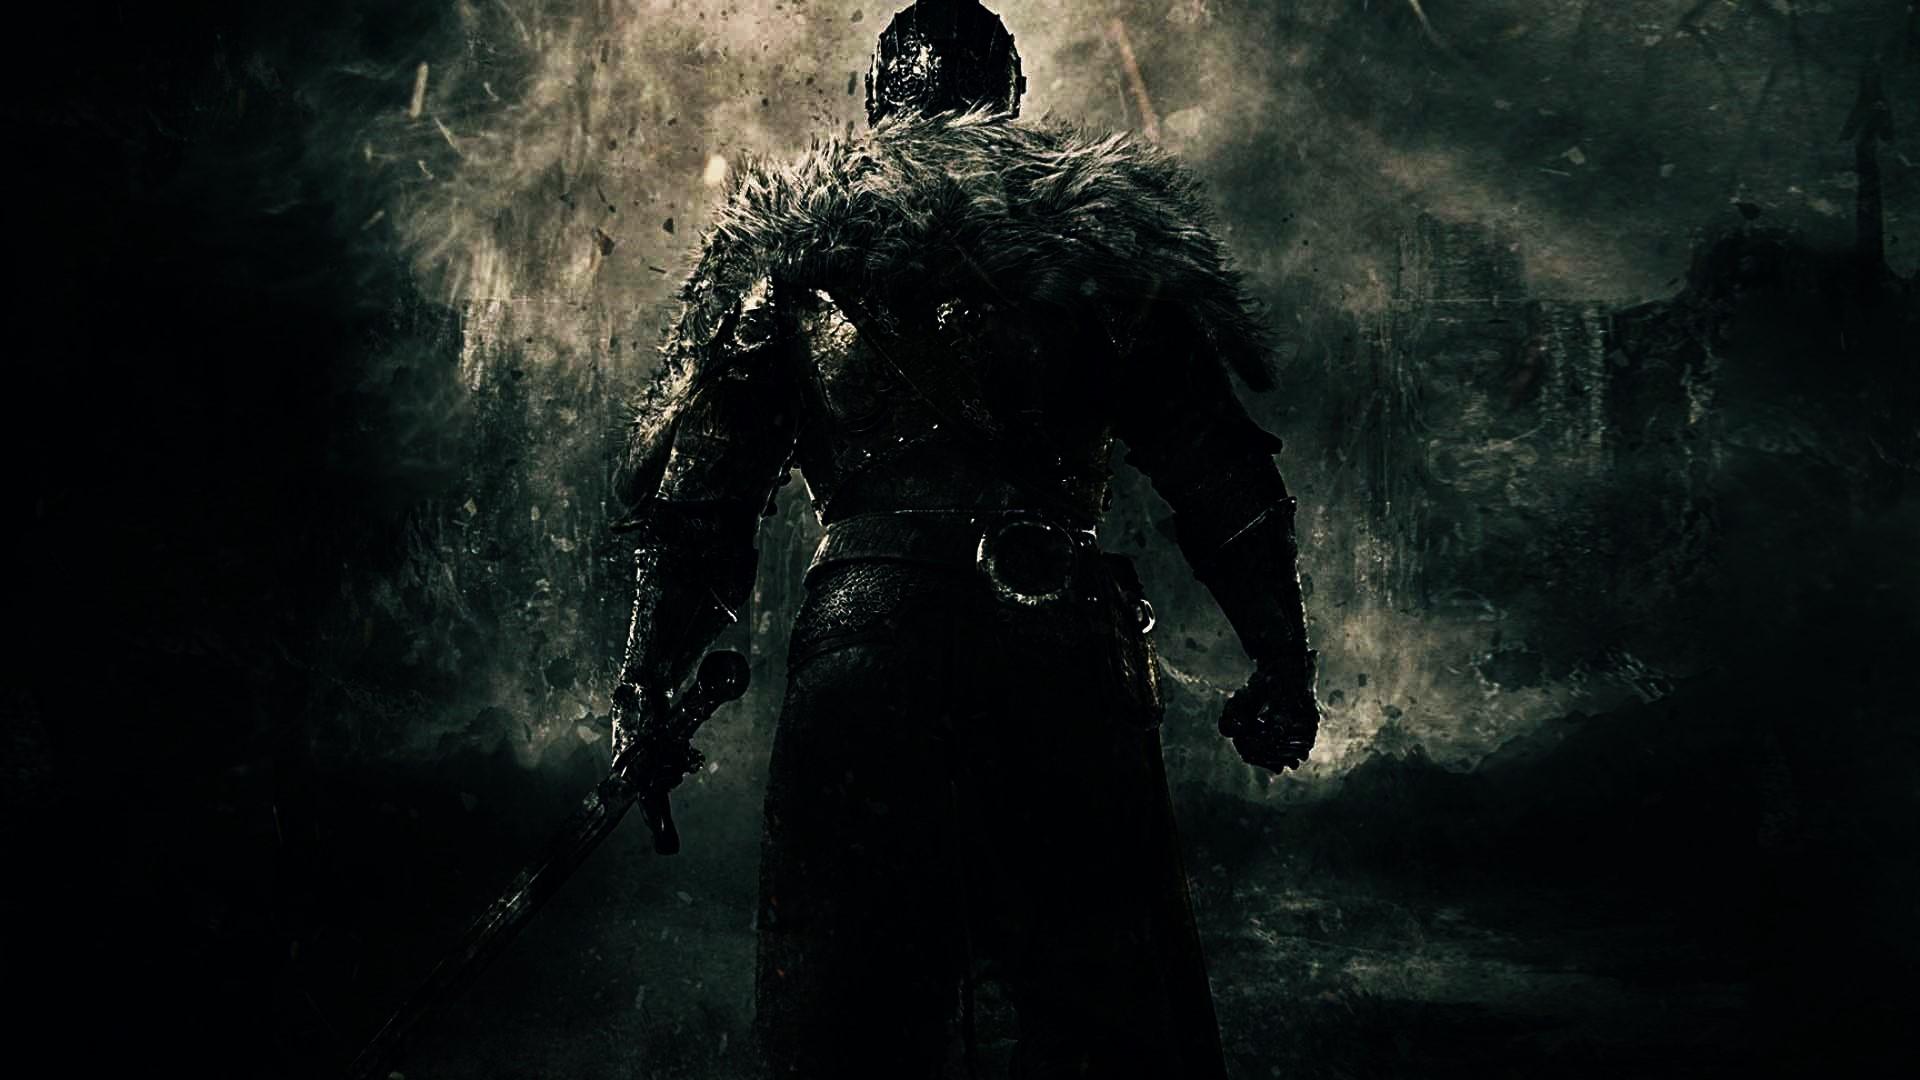 Dark Souls 2 Wallpaper: Dark Souls 2 Box Art Wallpaper Edit By RPG247 On DeviantArt